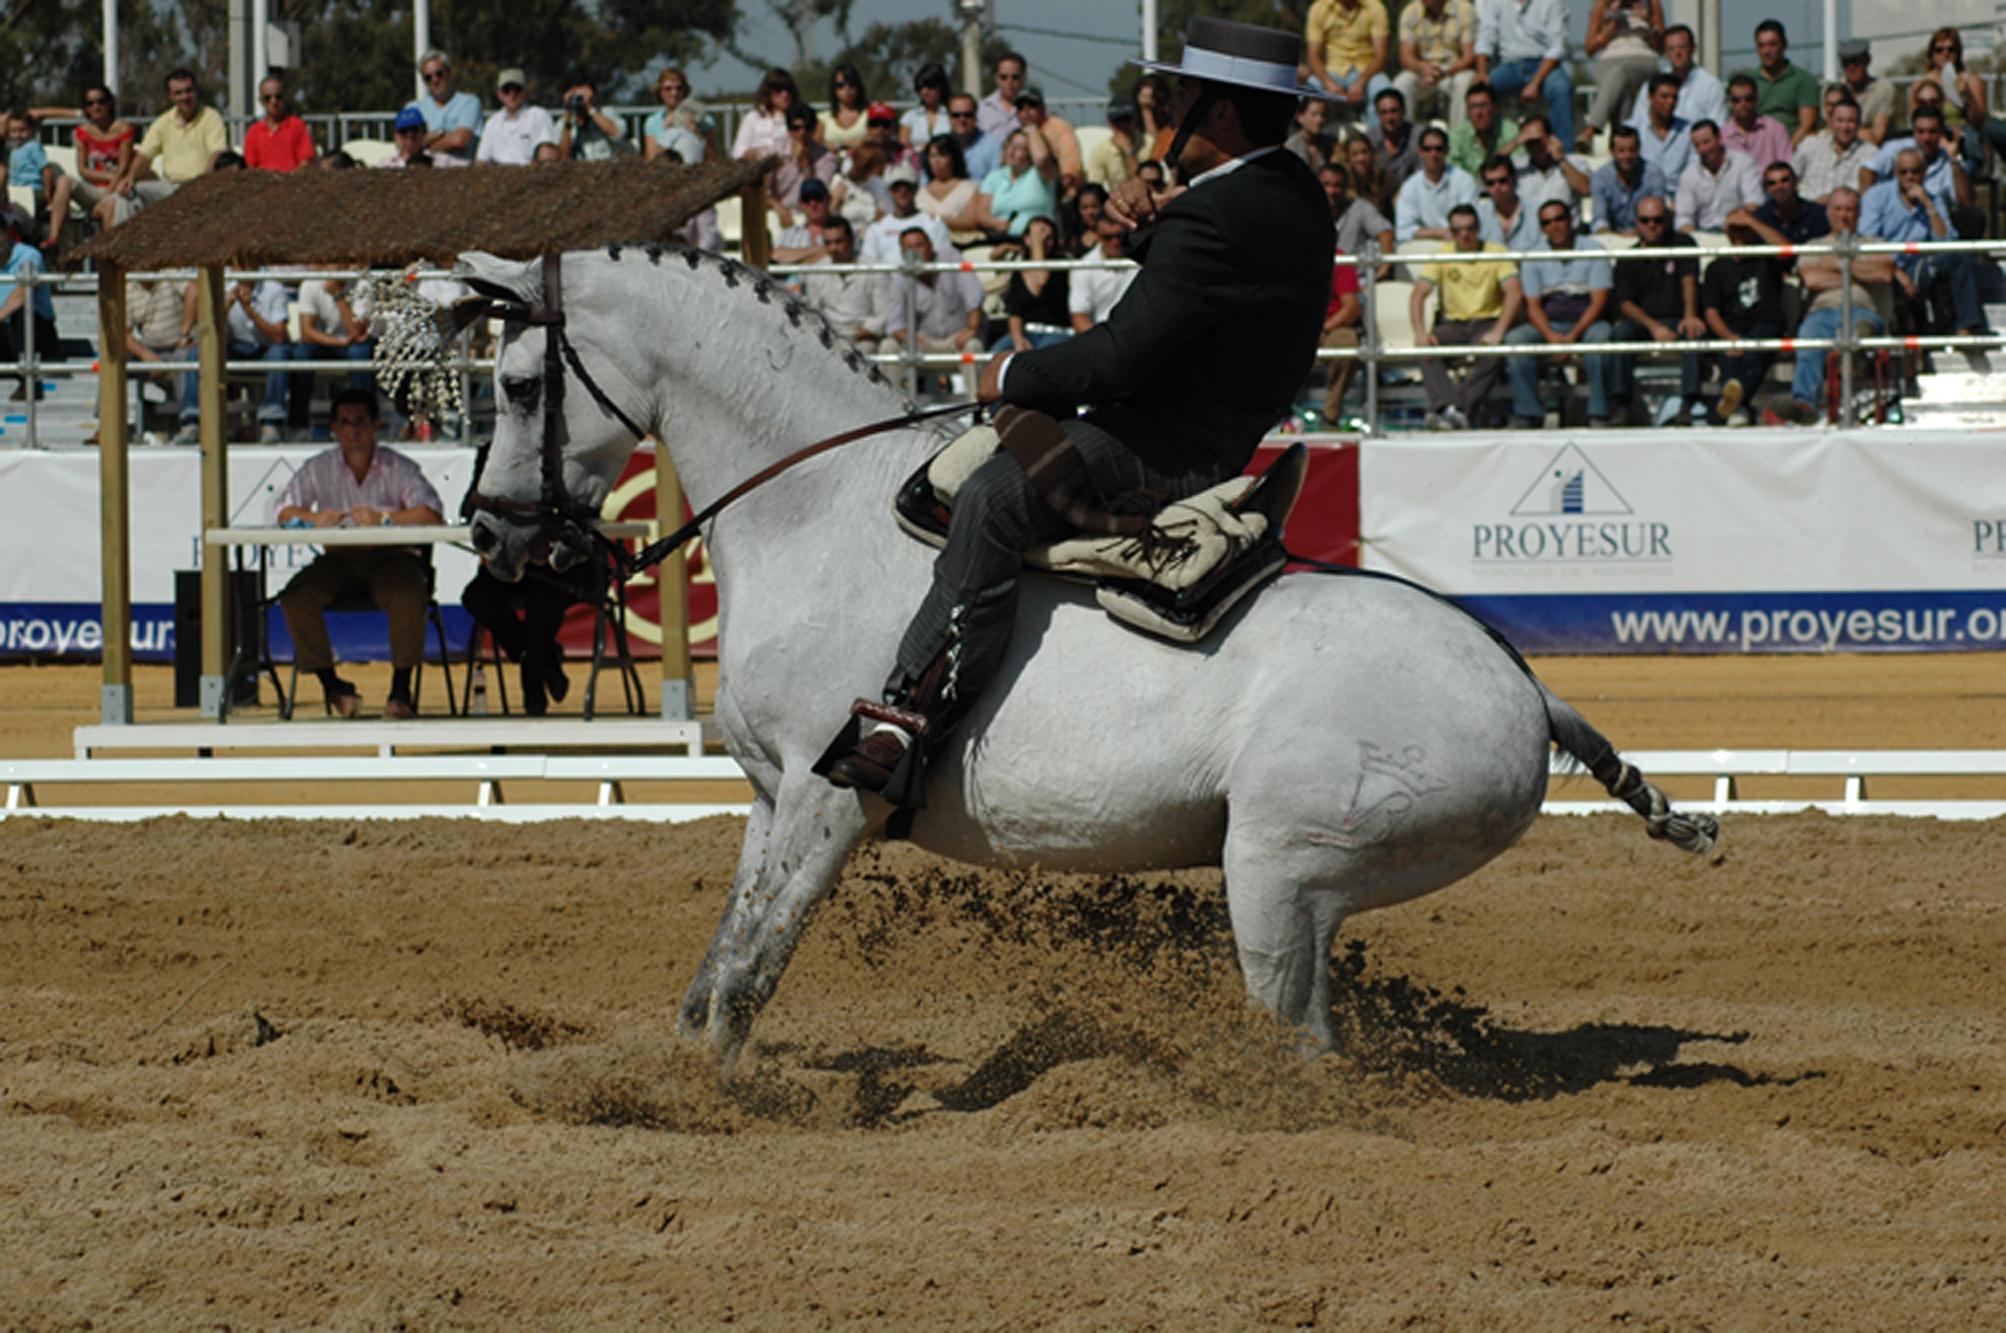 Torrejoncillo acoge este sábado una Exhibición de Doma Vaquera y Alta Escuela